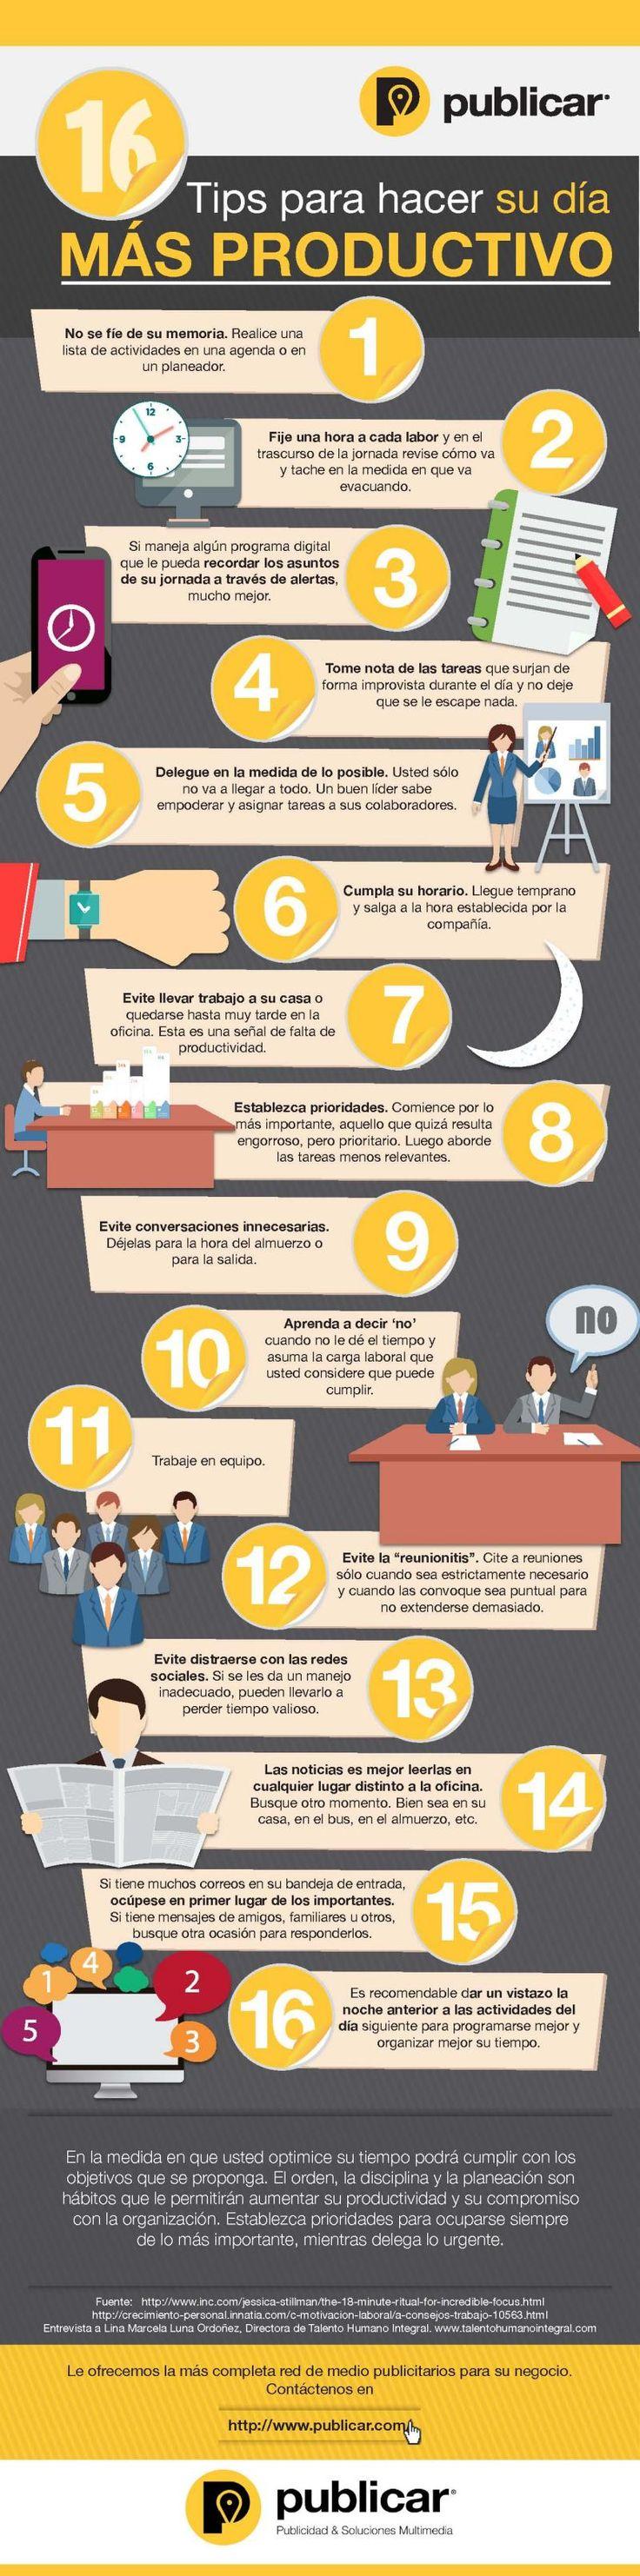 Una infografía en español que nos ofrece hasta 16 útiles consejos para lograr ser más productivos y eficientes en nuestro trabajo.